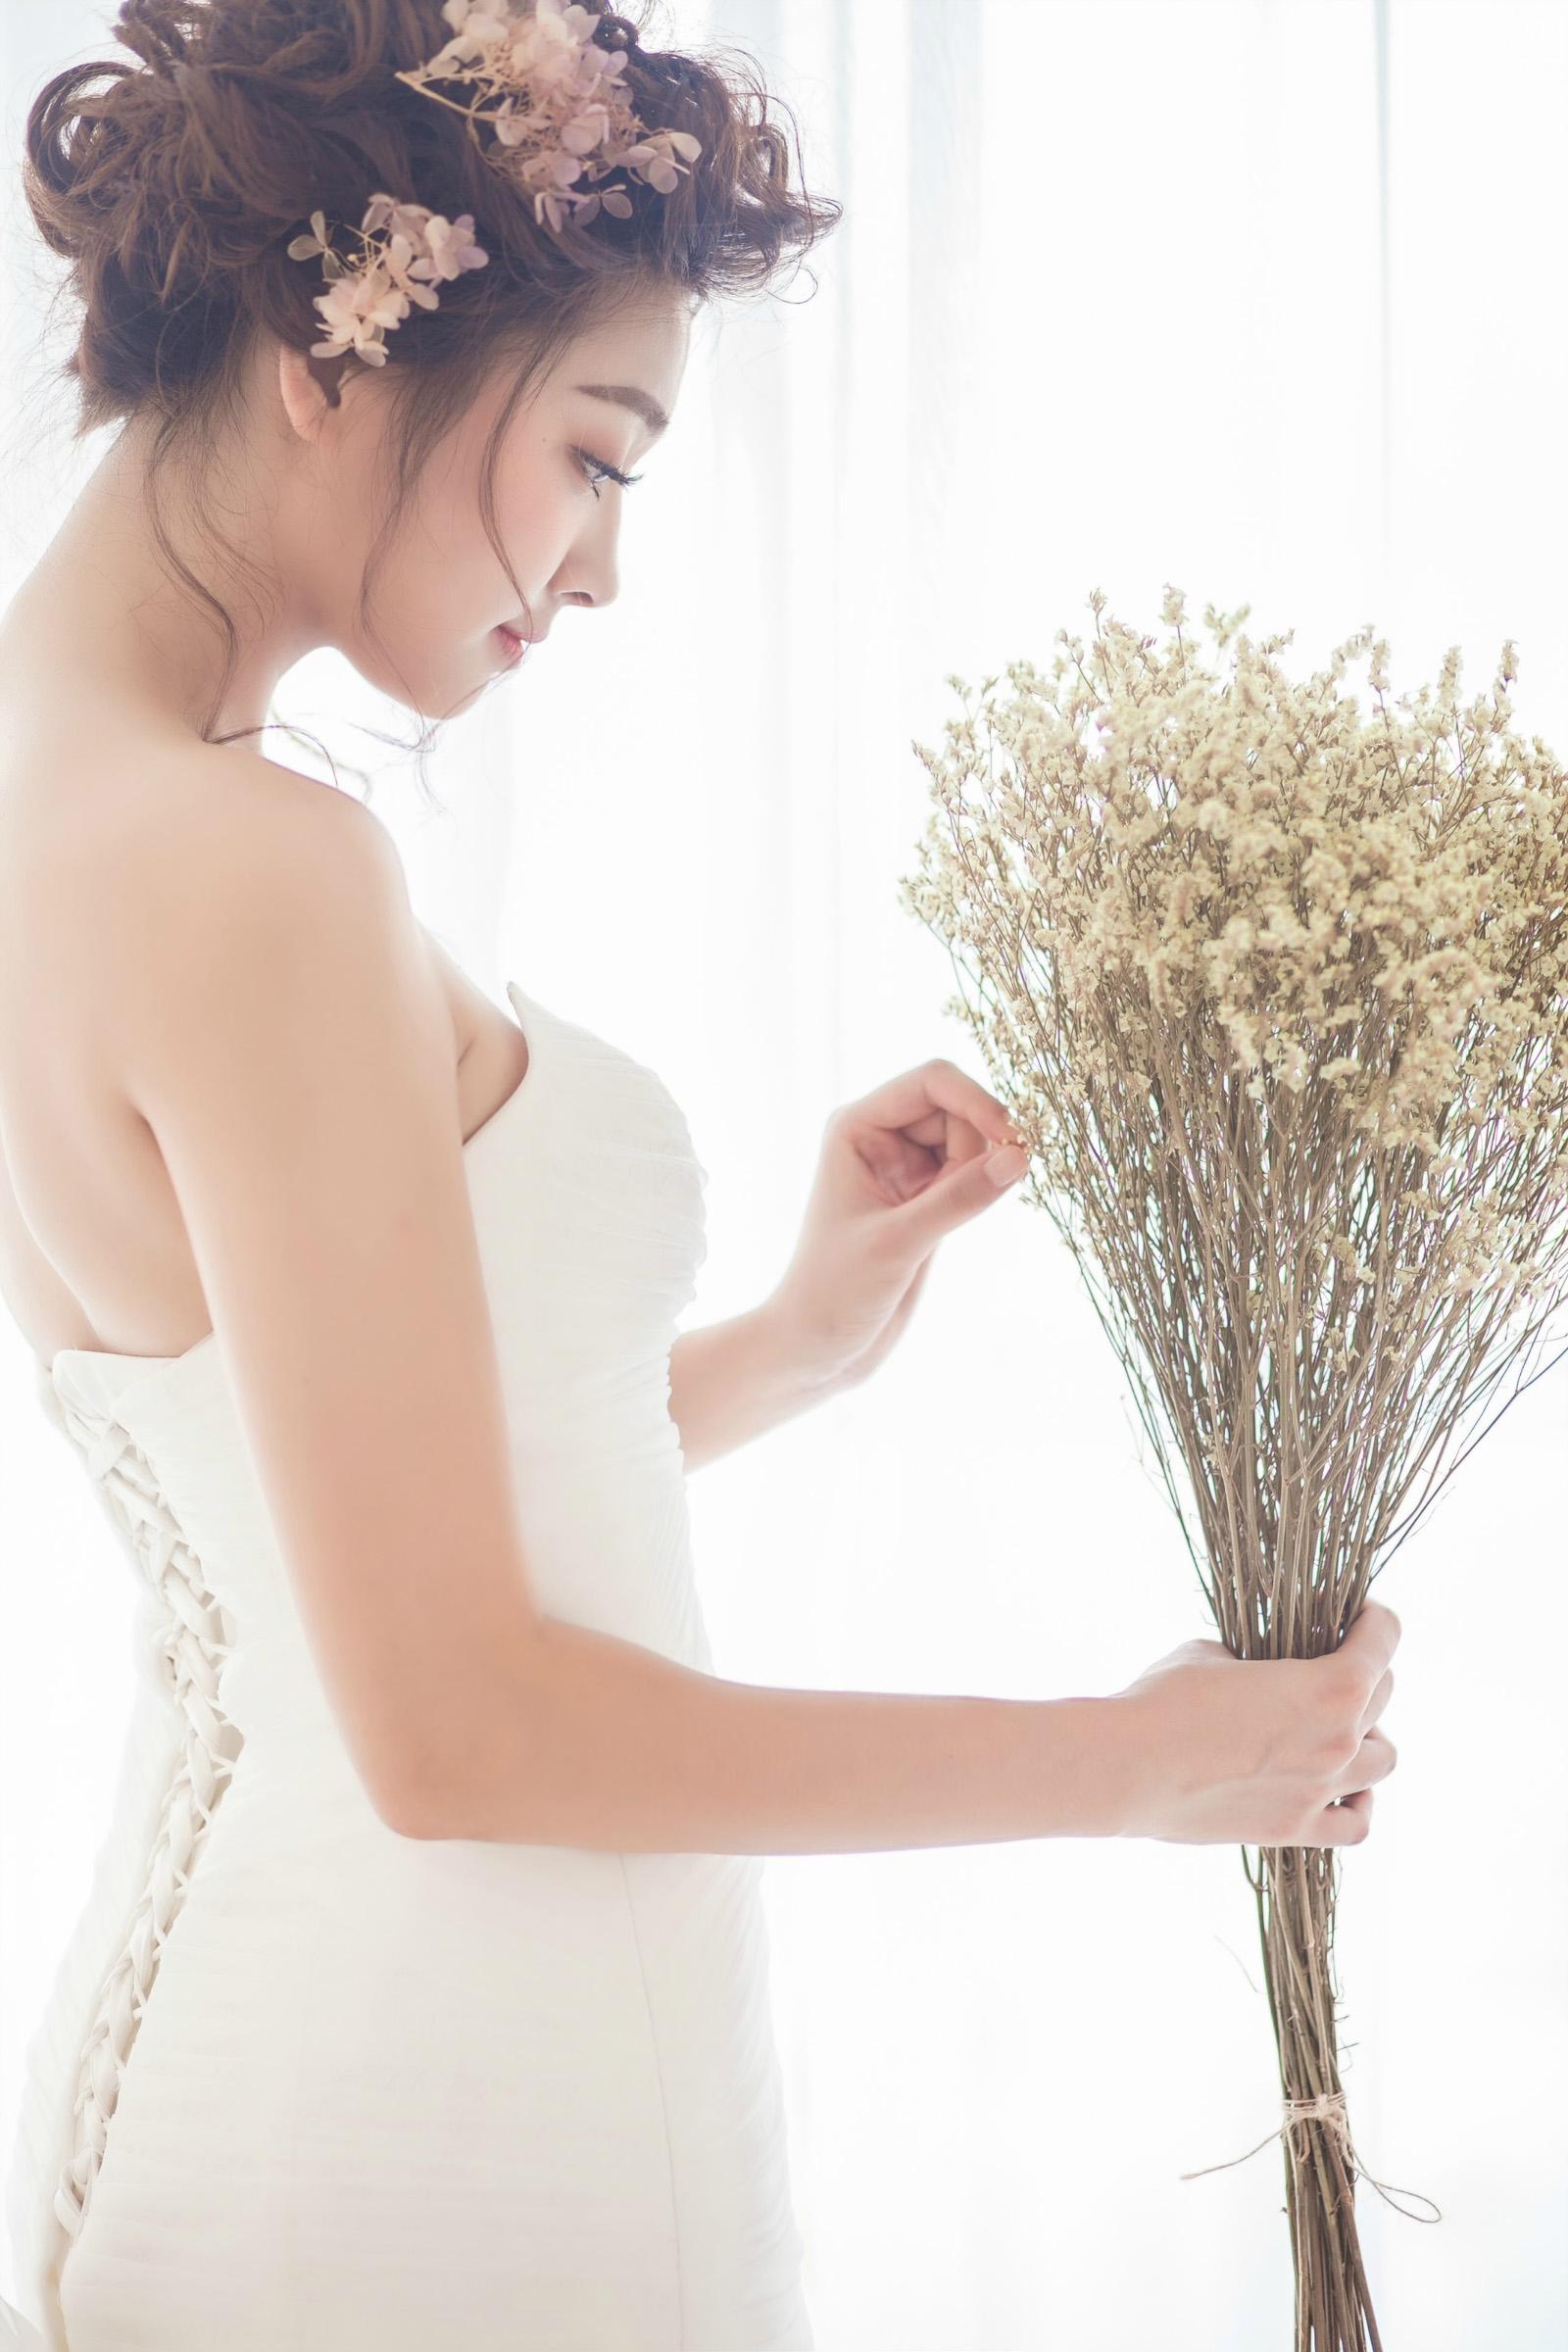 【浪漫婚纱素材篇】幸福时刻 - 浪漫人生 - .